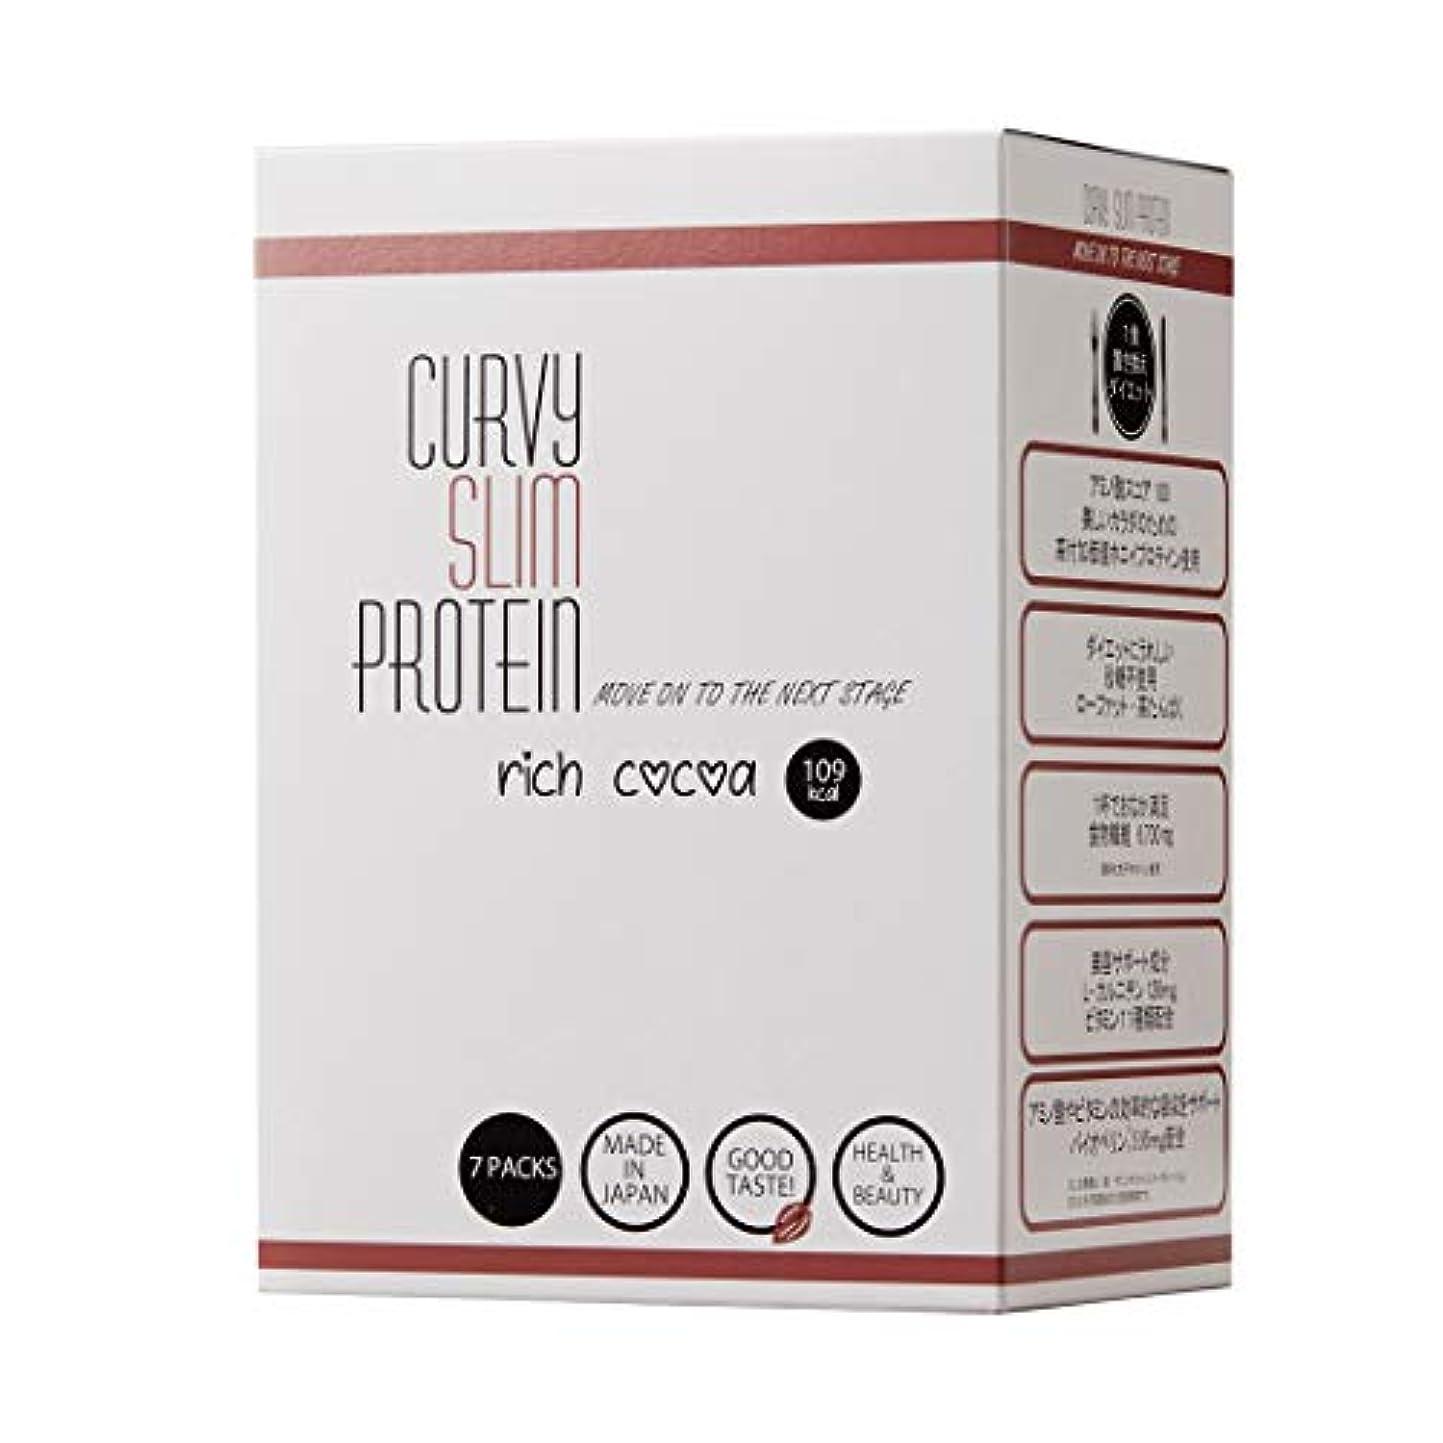 性交三十正確さカーヴィースリム® プロテイン リッチココア 置き換え ダイエット 7包(7食分)